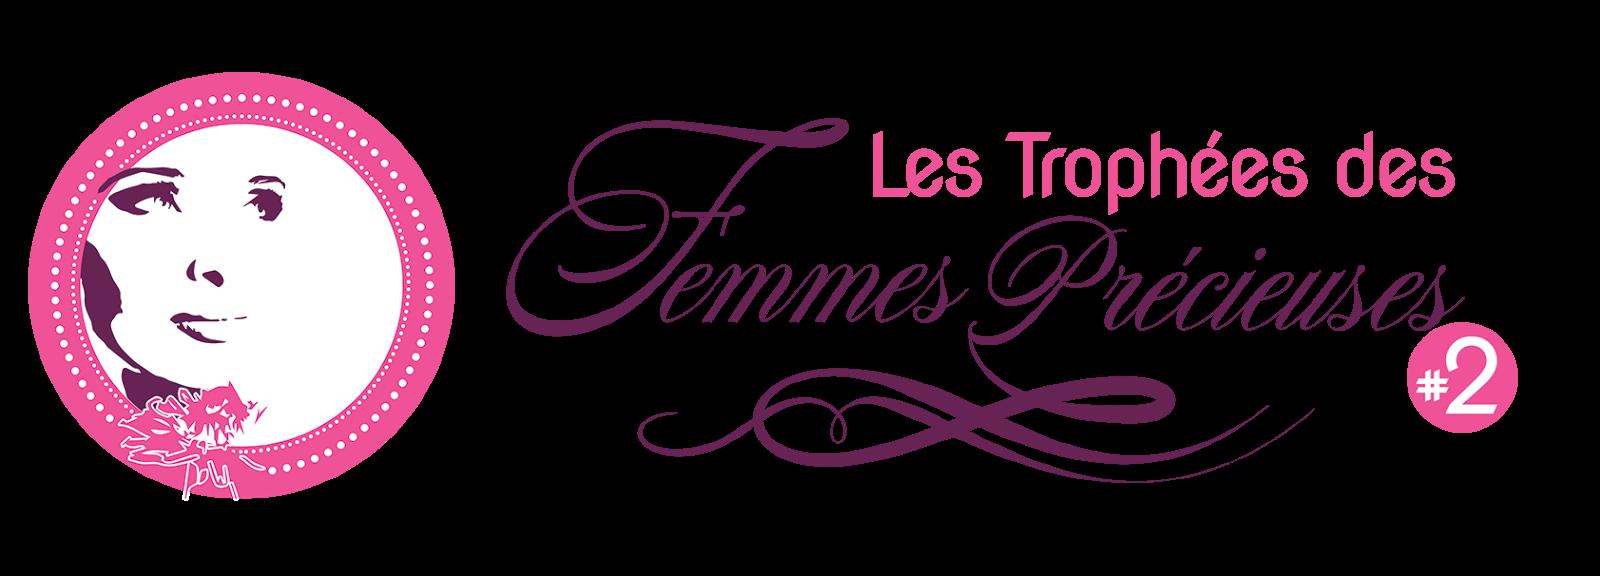 Trophées des Femmes Précieuses